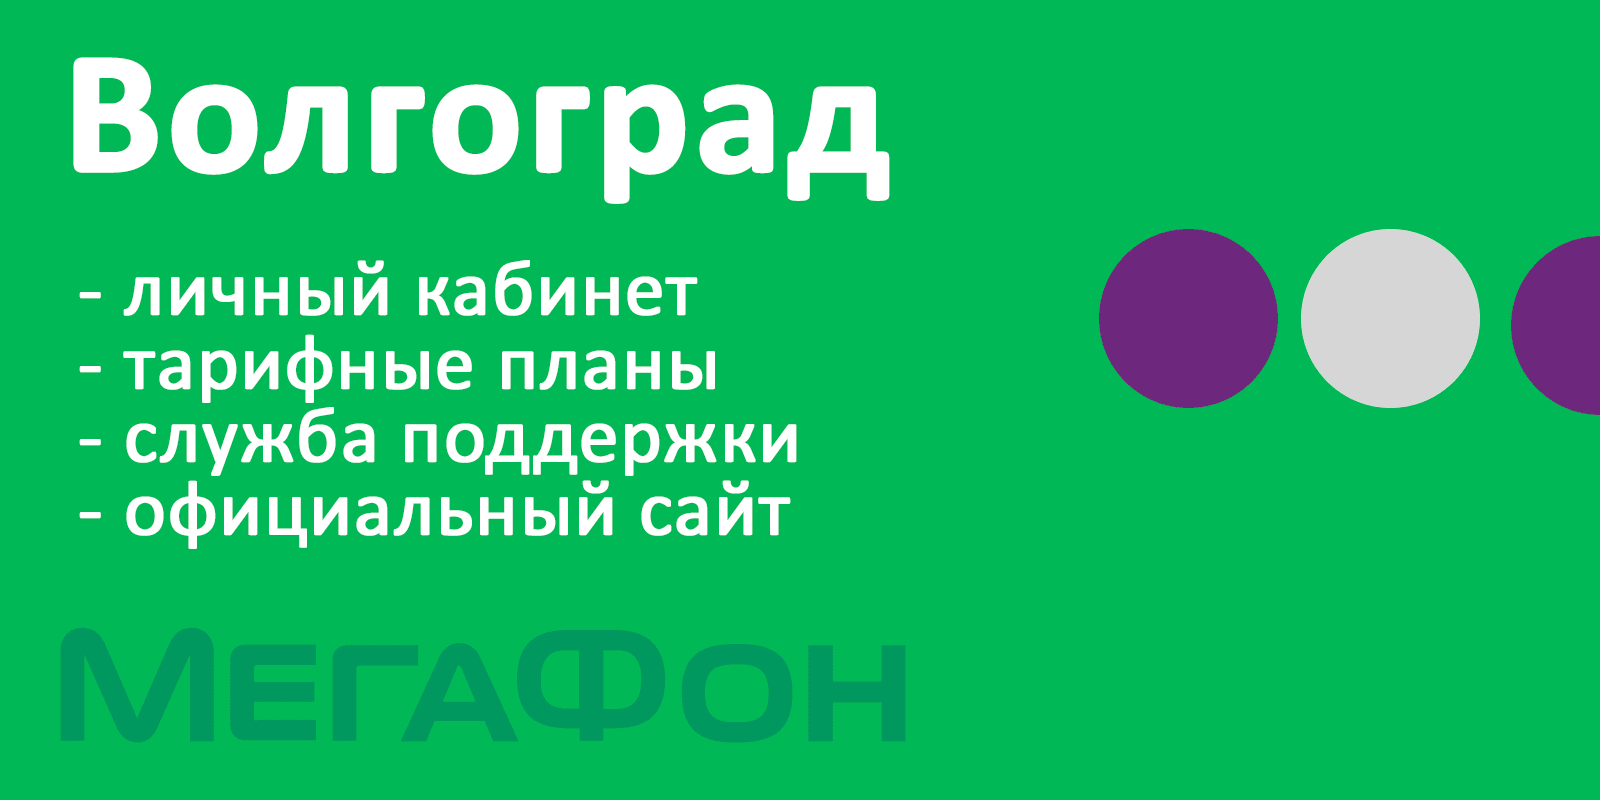 Мегафон Волгоград - личный кабинет, тарифные планы, официальный сайт